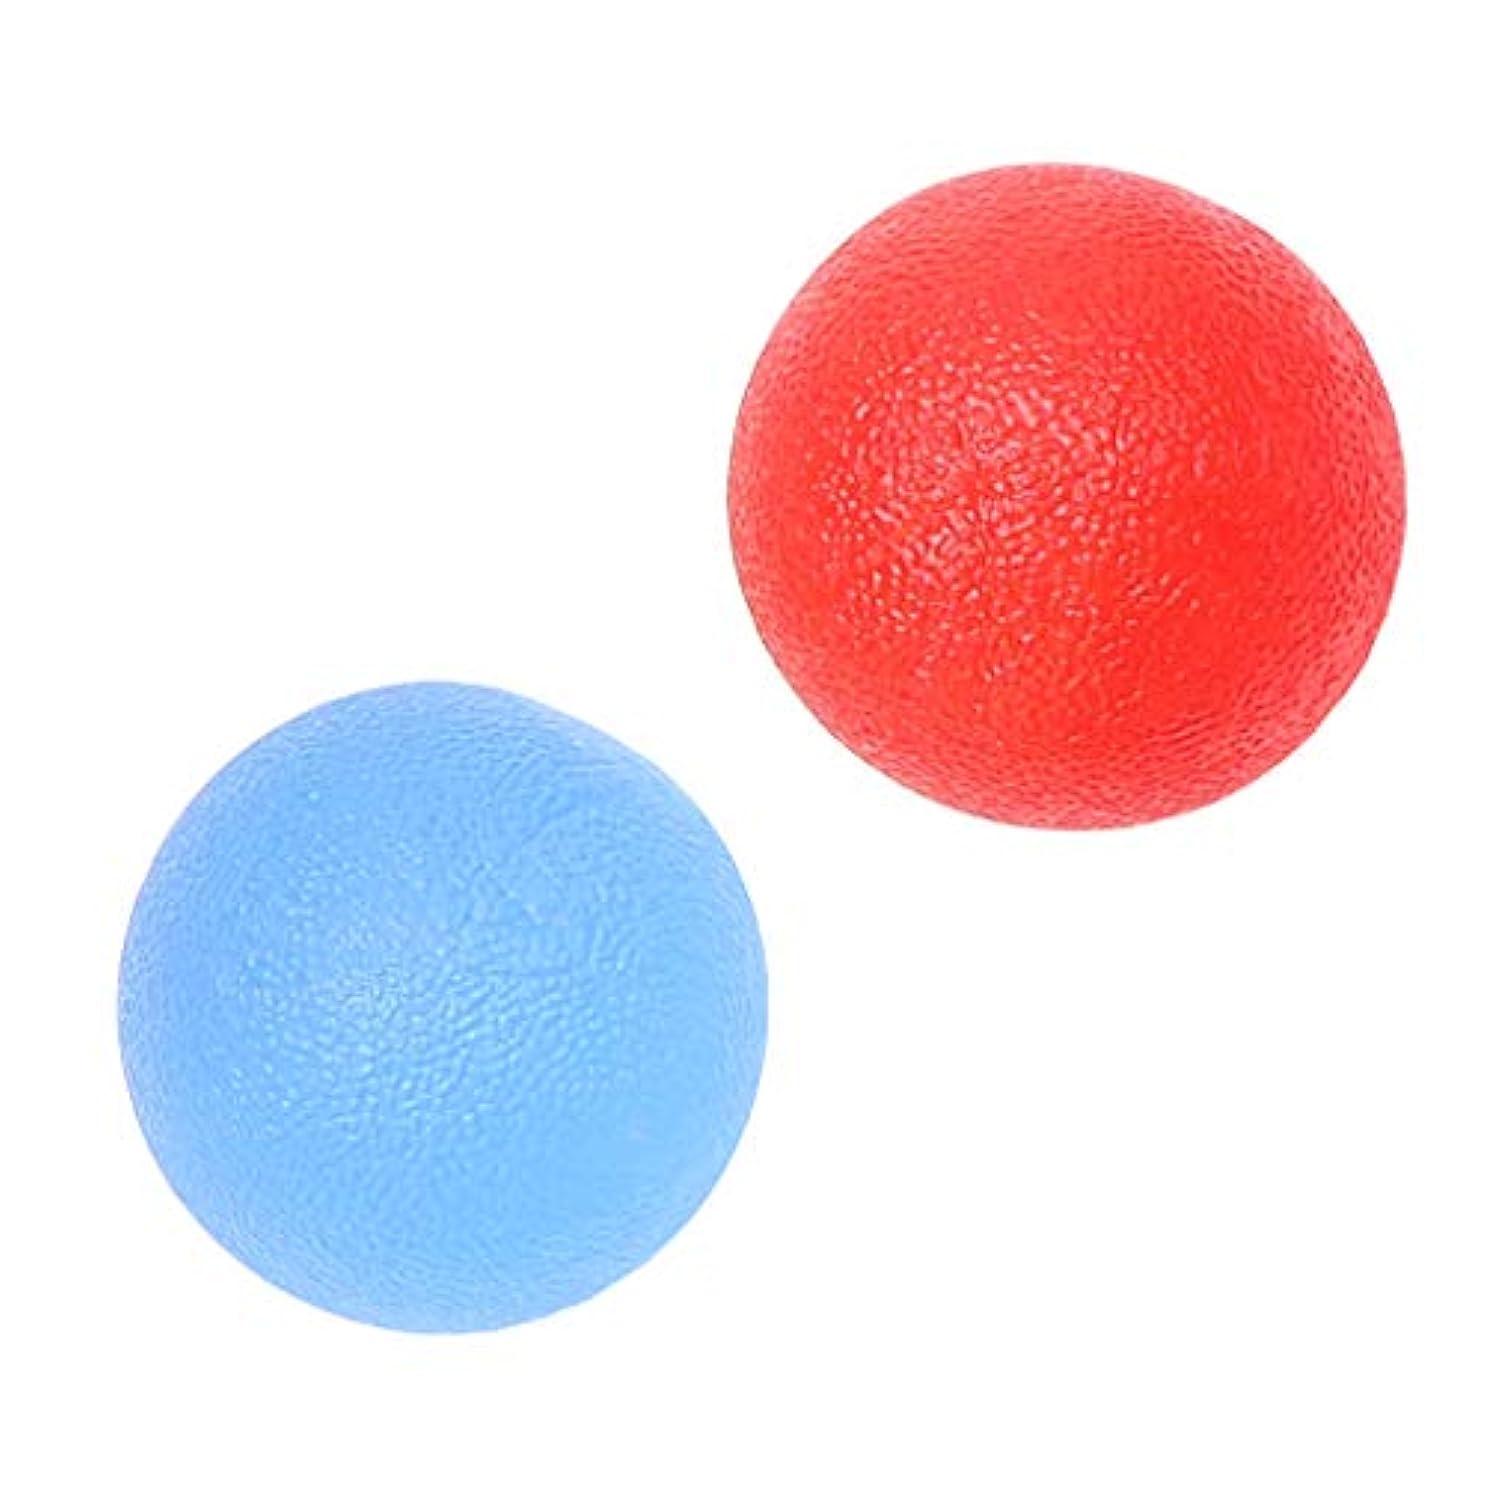 歌手注目すべきオンスハンドグリップ ボール シリコン マッサージ 指トレーニング ストレス緩和 赤/青 2個入